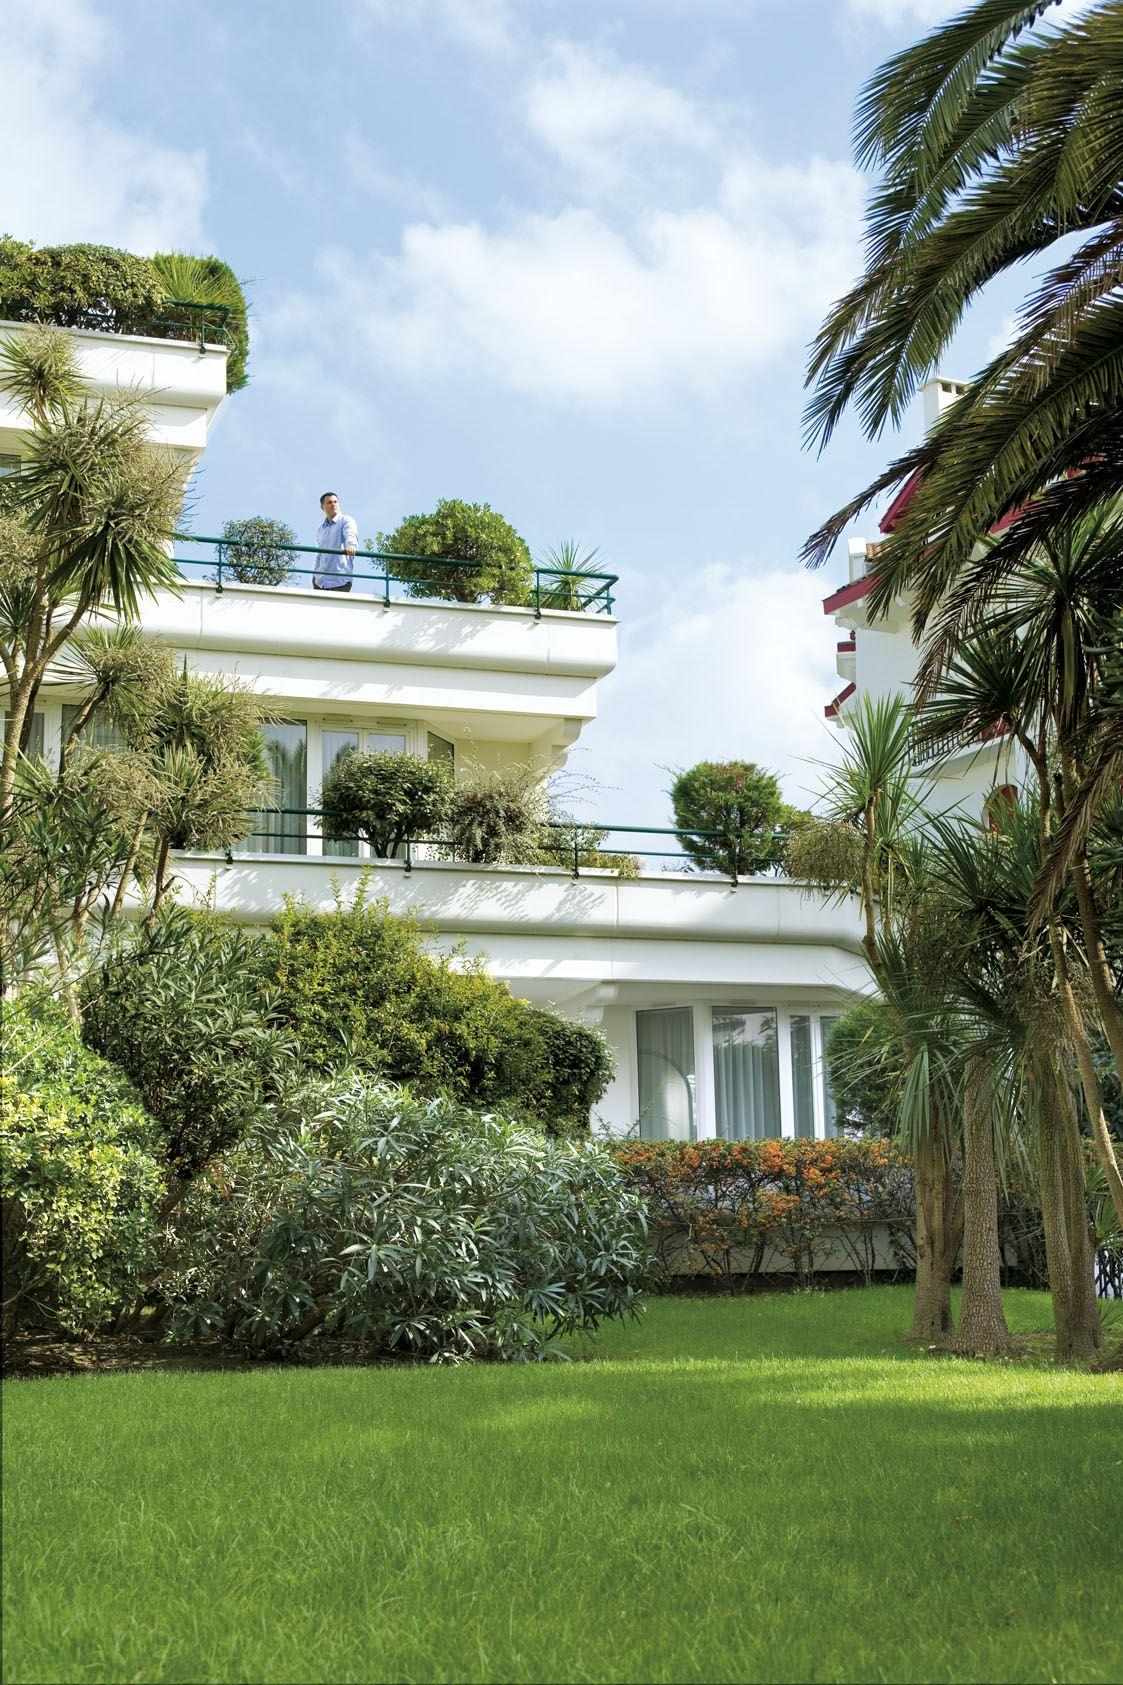 Hôtel HELIANTHAL - Thalasso & spa THALAZUR